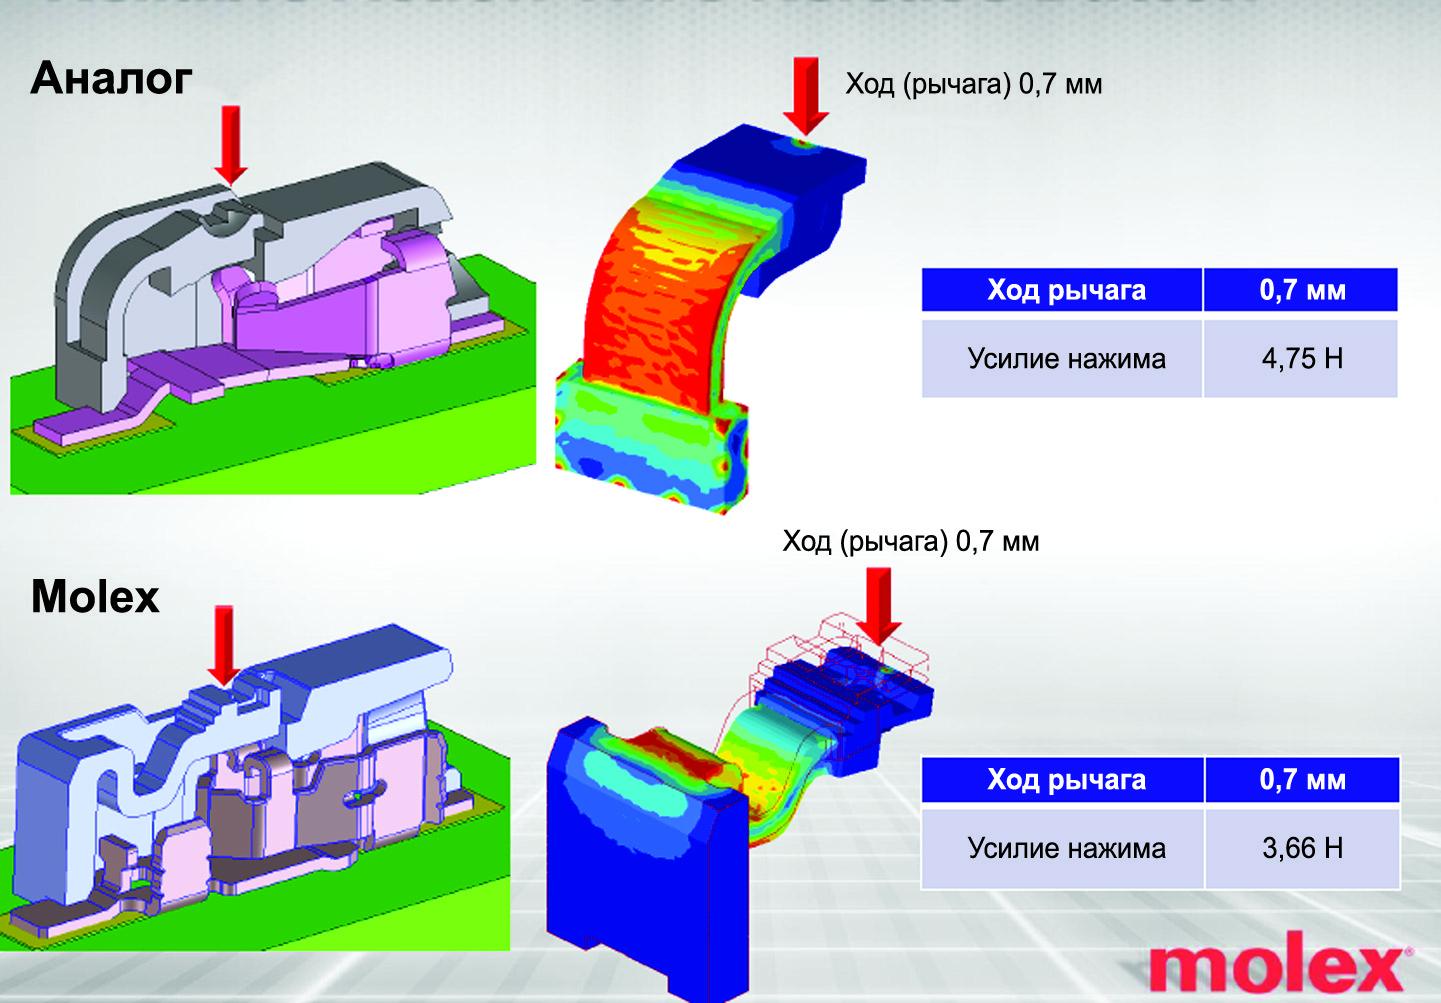 Сравнение надежности фиксации провода и легкости его извлечения соединителей Molex и аналога